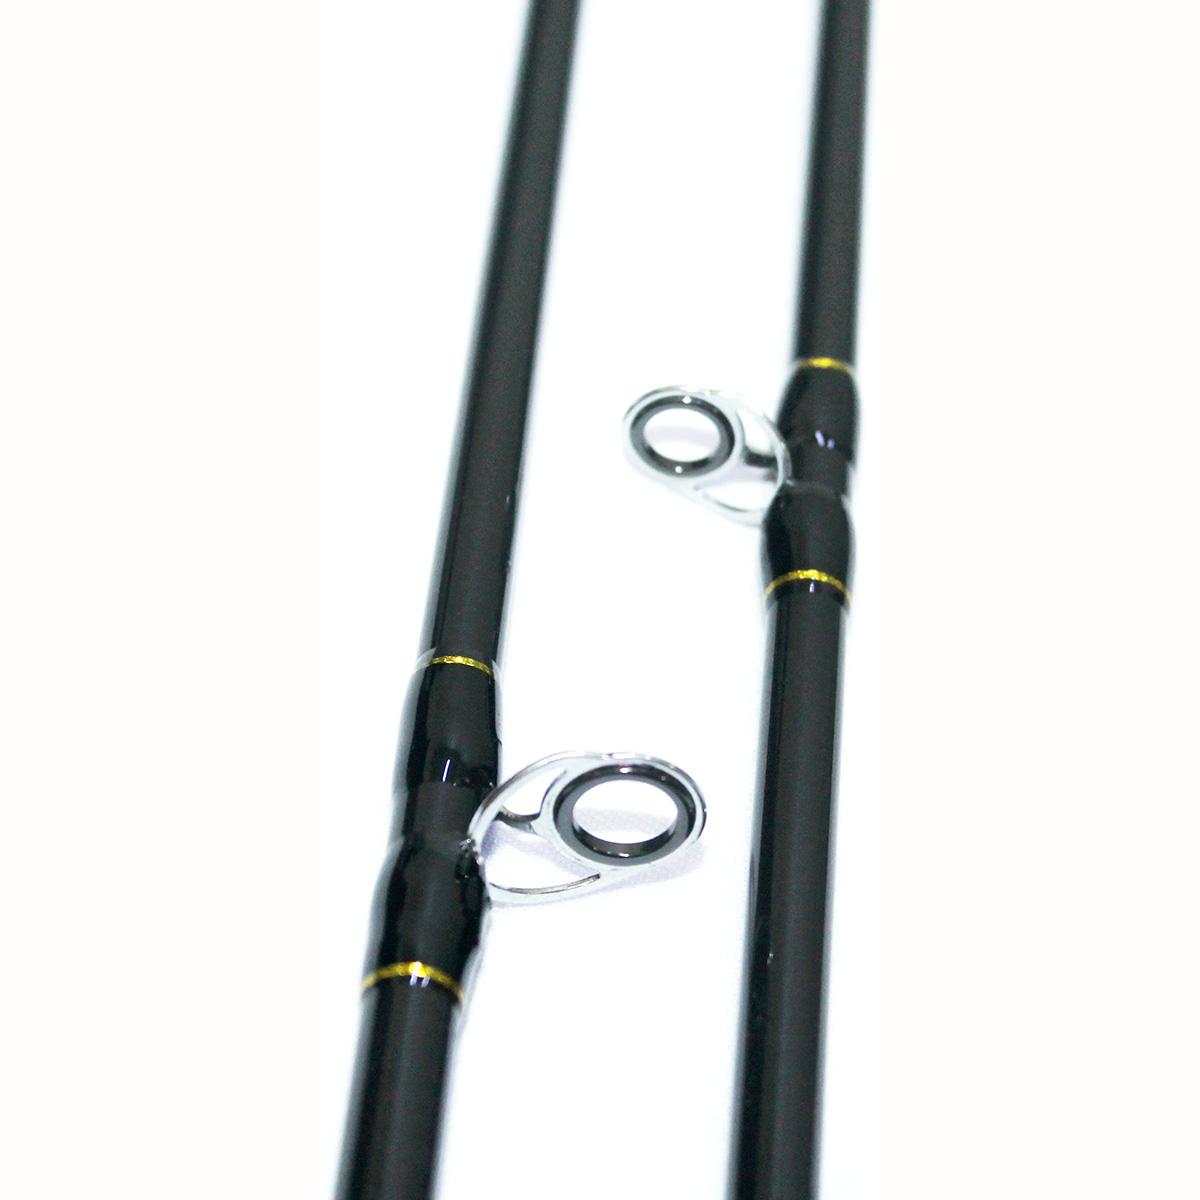 Bộ Combo Cần Ngang Ashino Hunter 2m1 - Máy Ngang Pro Hunter S Dây bện và Mồi